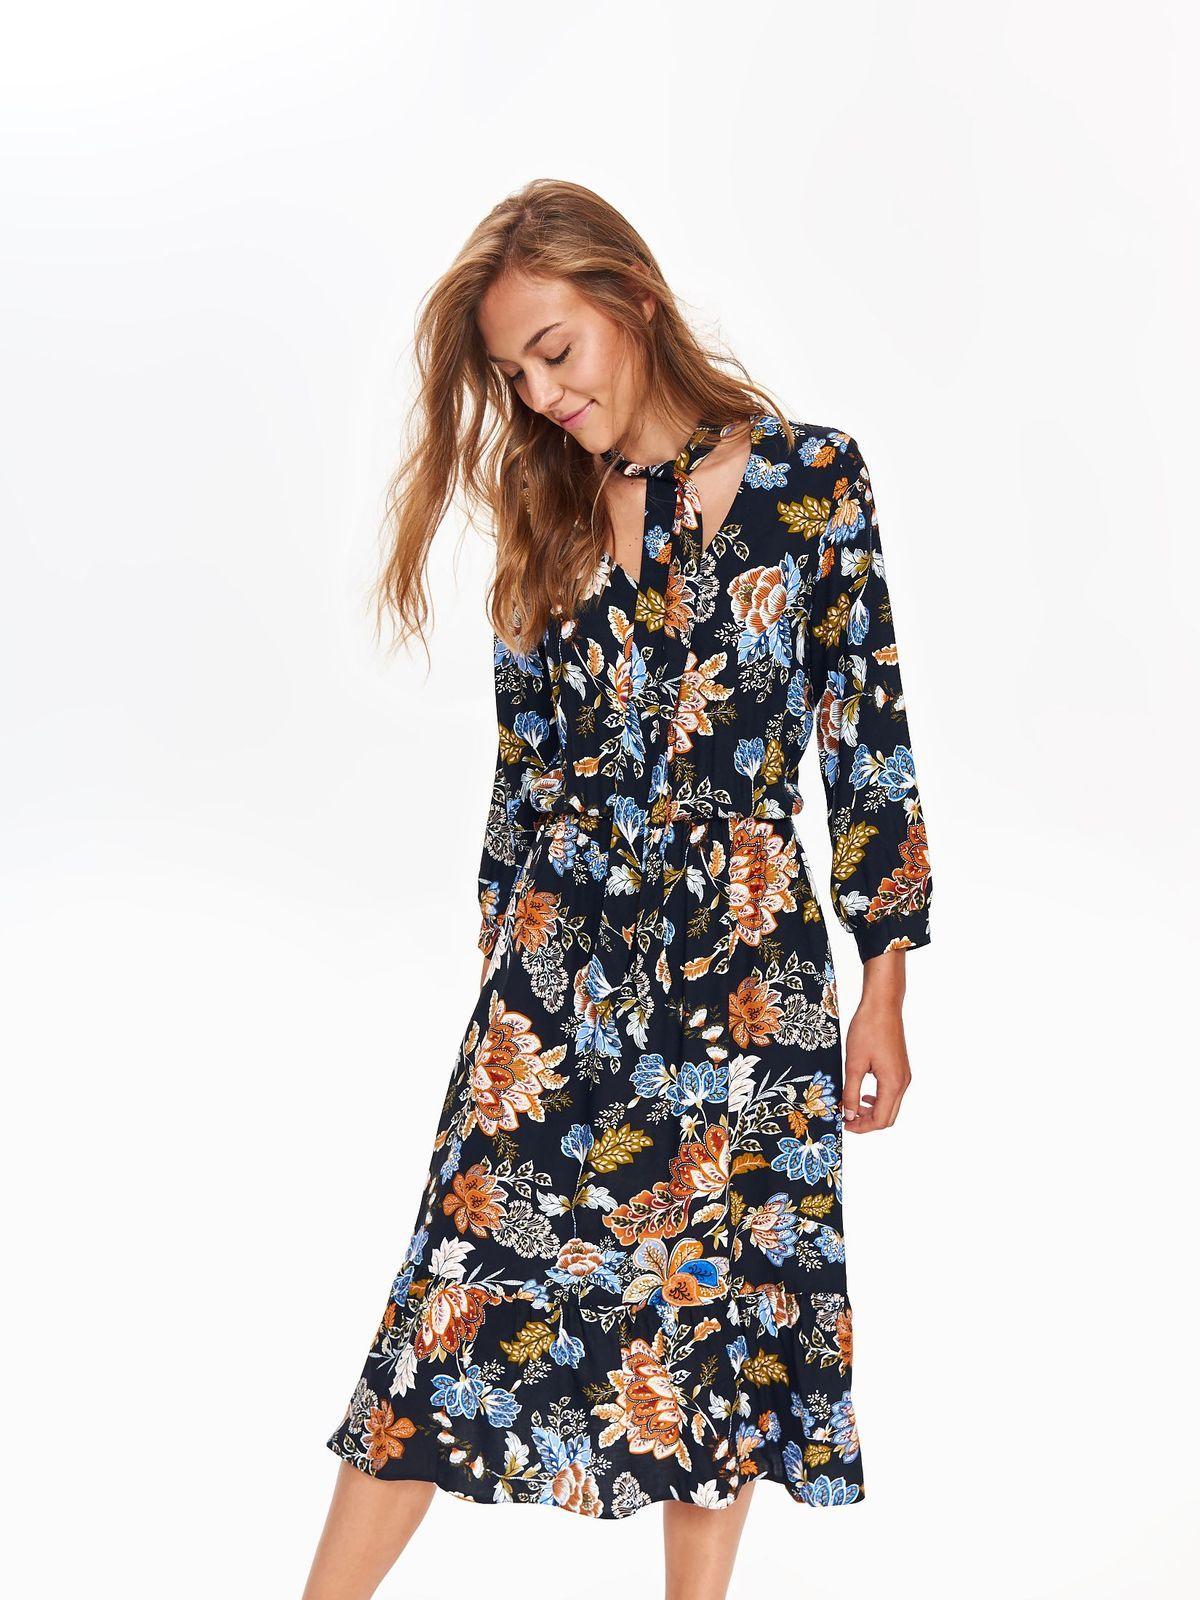 f7359be3f Sukienka damska kolorowa - SSU2463 sukienka - TOP SECRET - Odzieżowy sklep  internetowy TOP SECRET